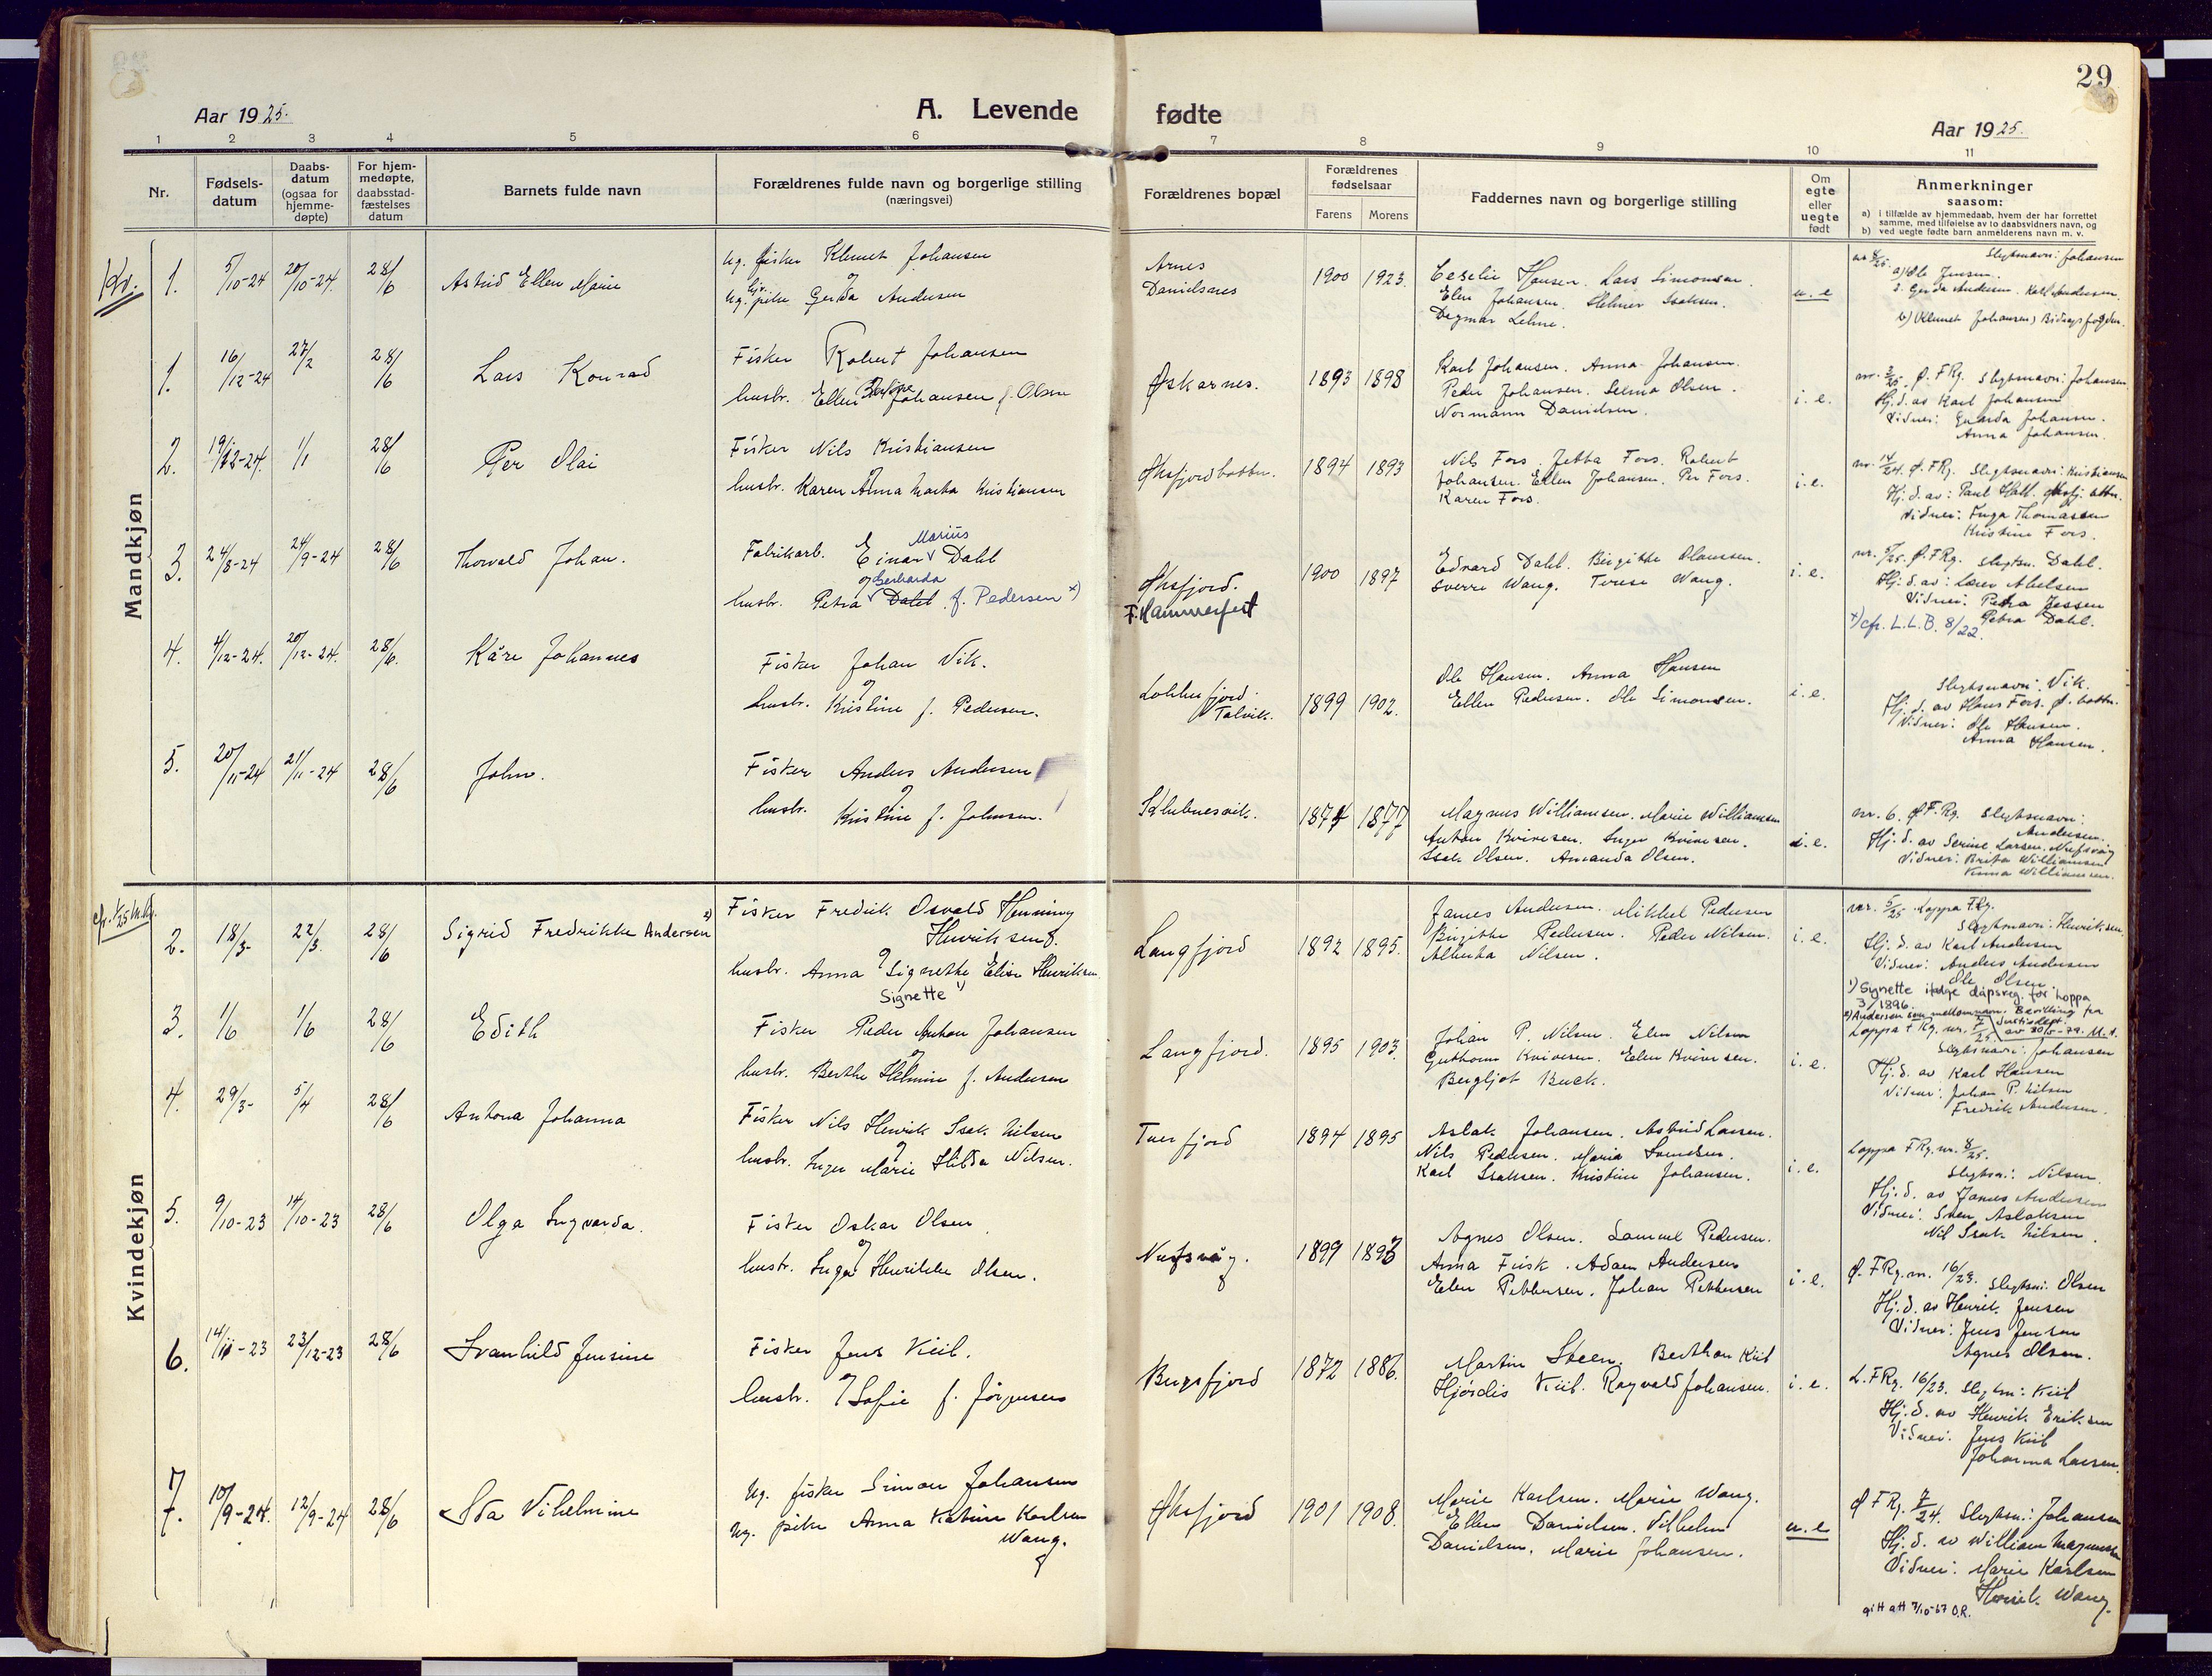 SATØ, Loppa sokneprestkontor, H/Ha/L0012kirke: Ministerialbok nr. 12, 1917-1932, s. 29